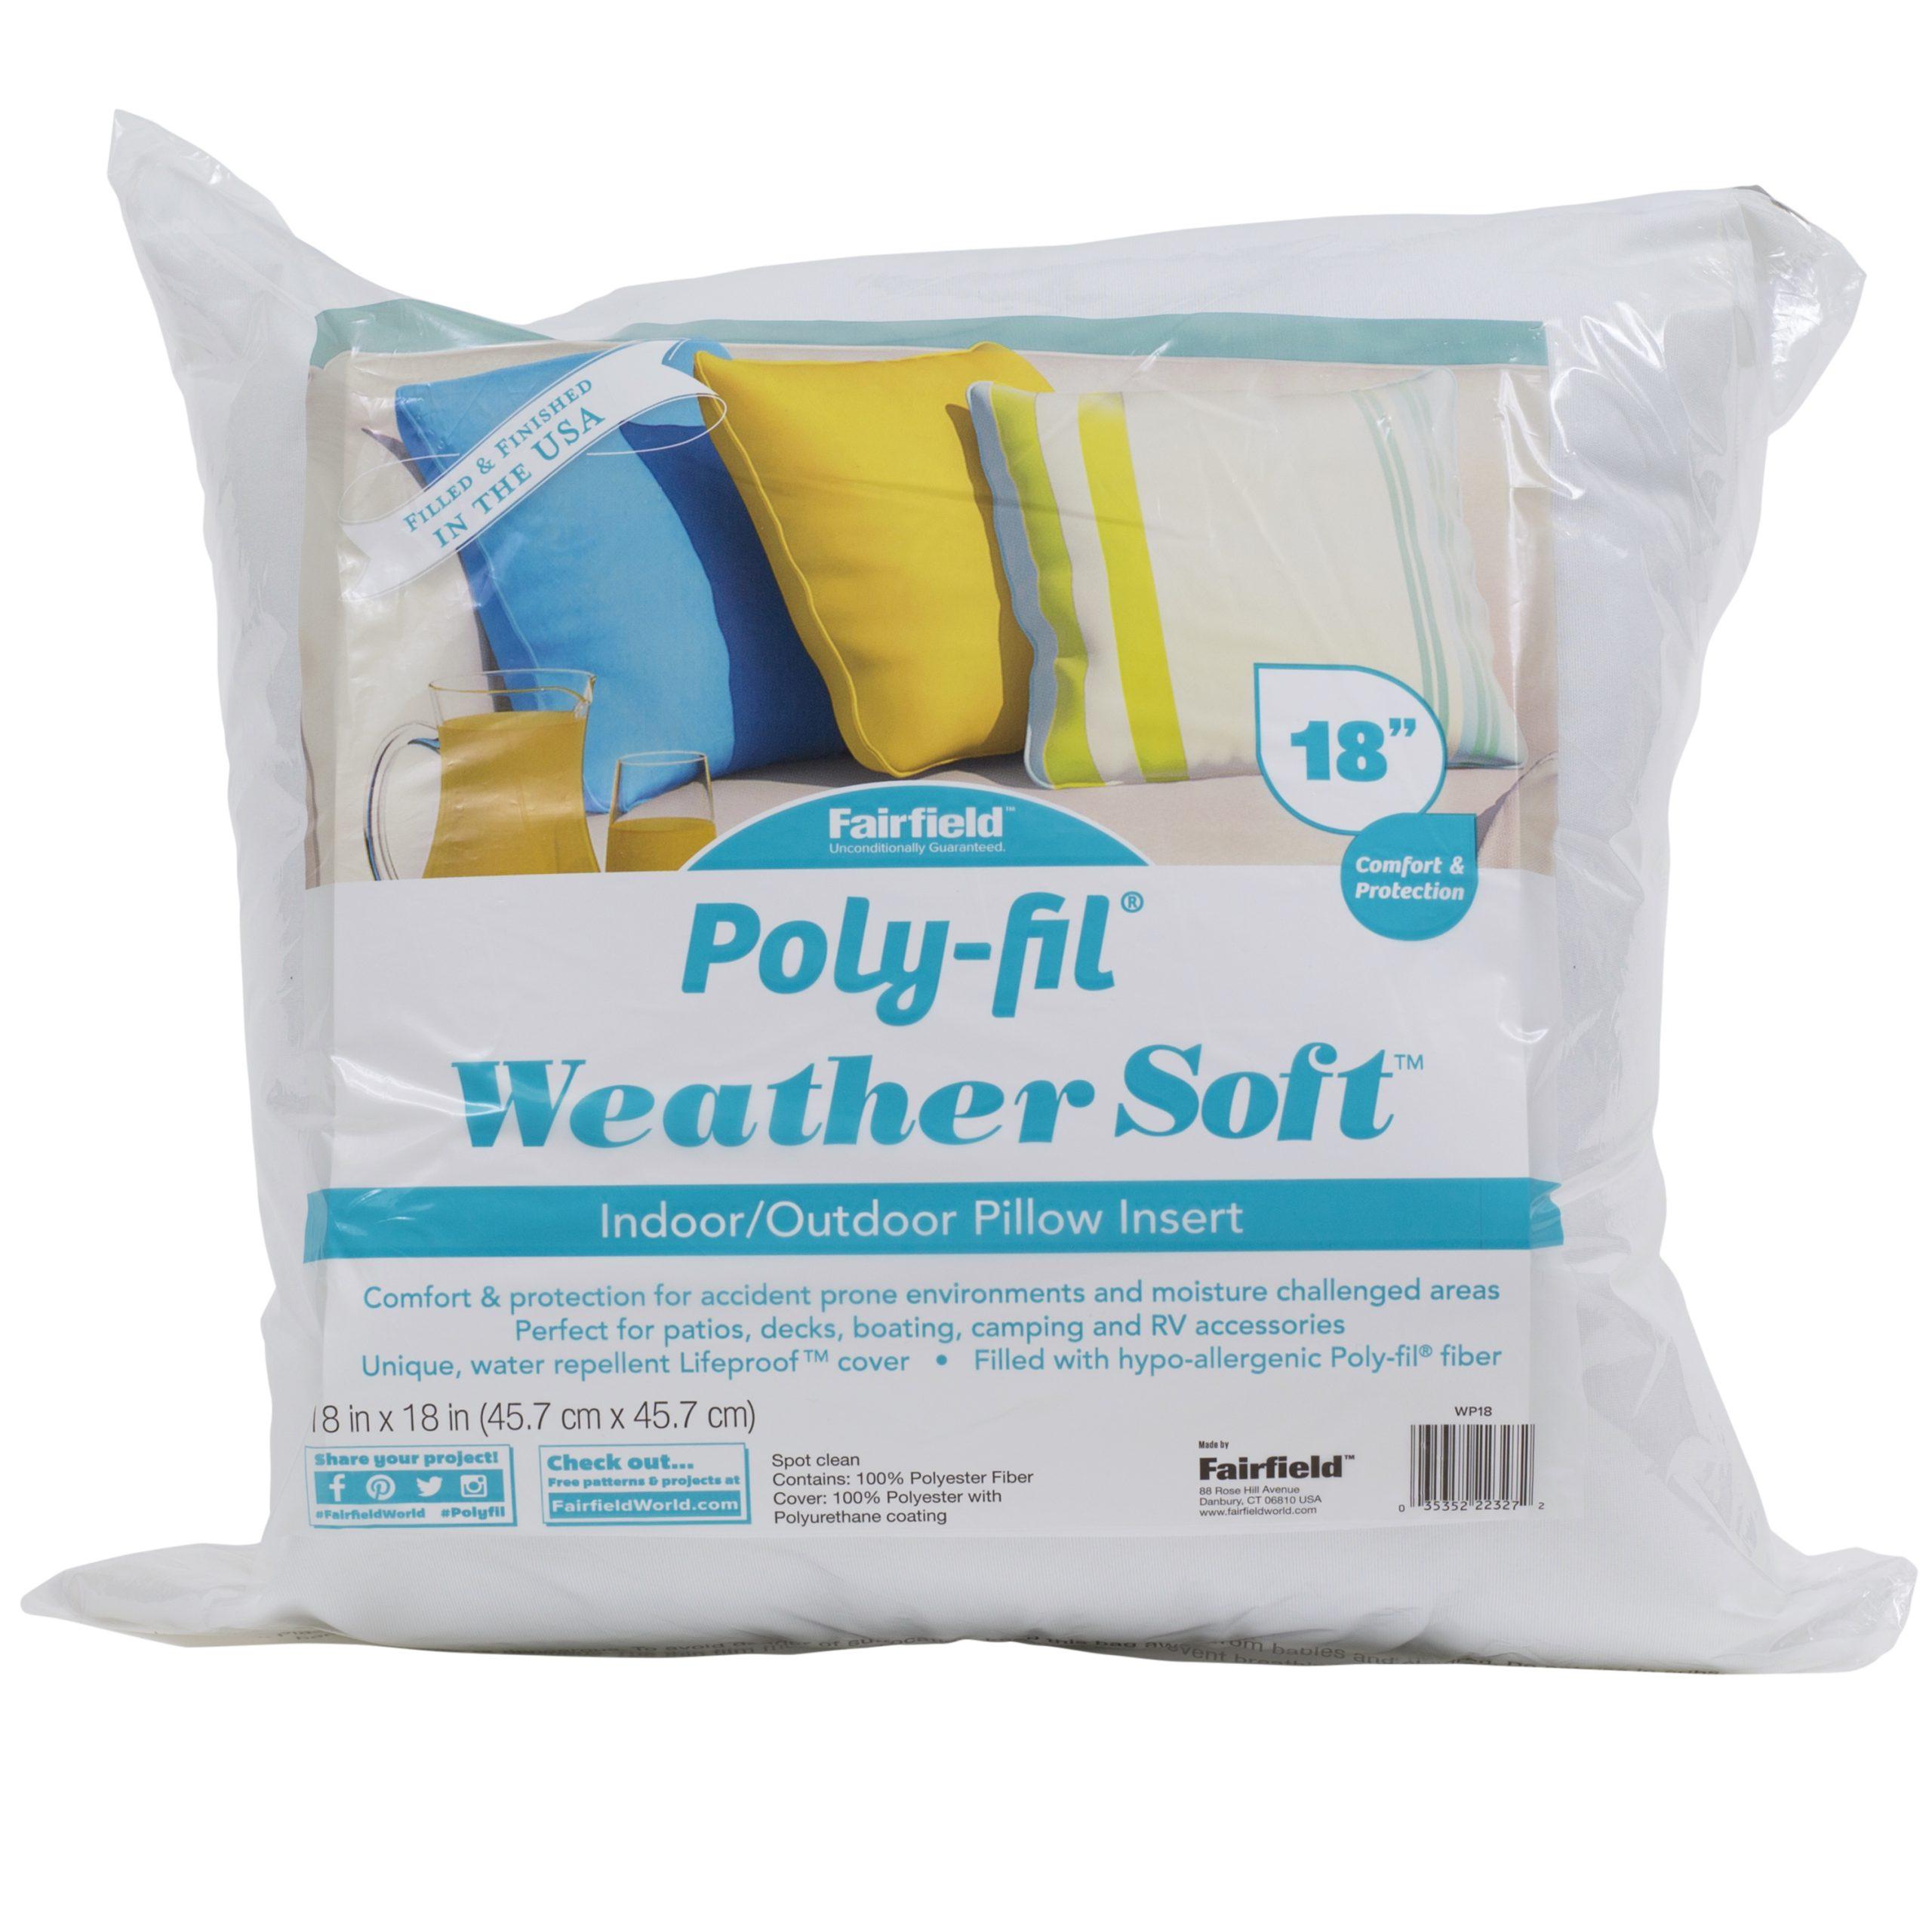 weather soft indoor outdoor pillow 18 x 18